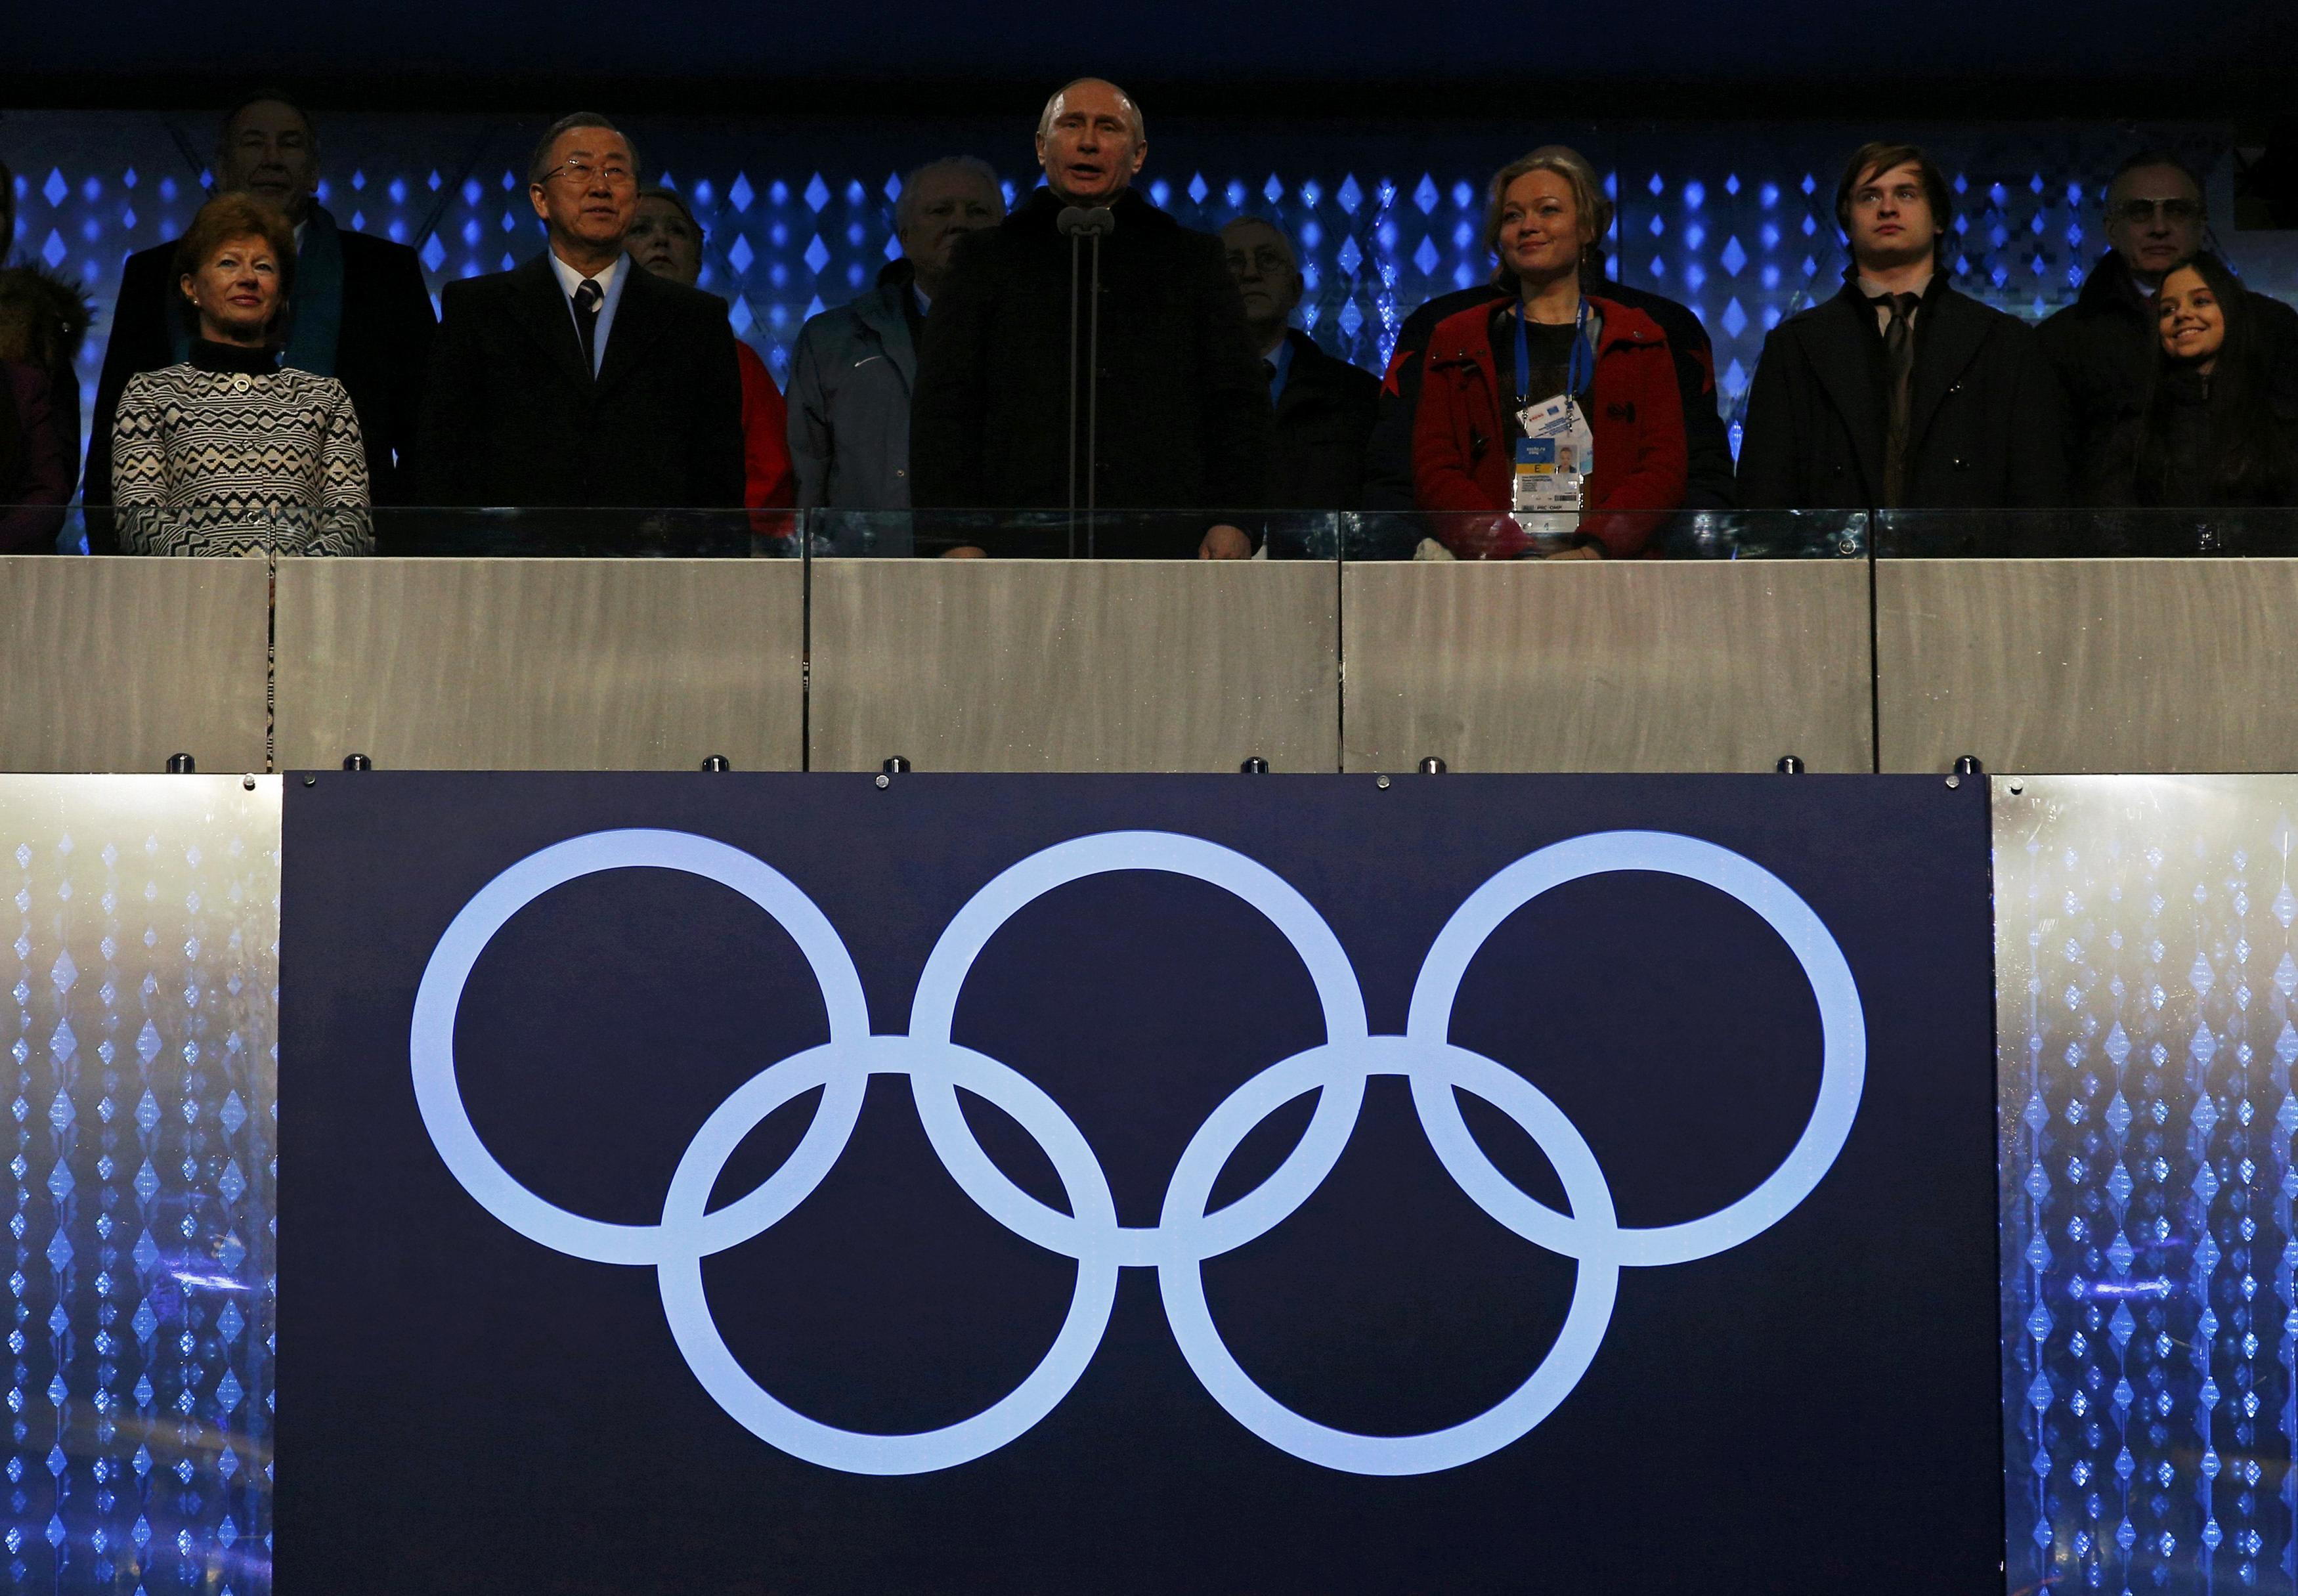 Путин открывает Олимпиаду в Сочи